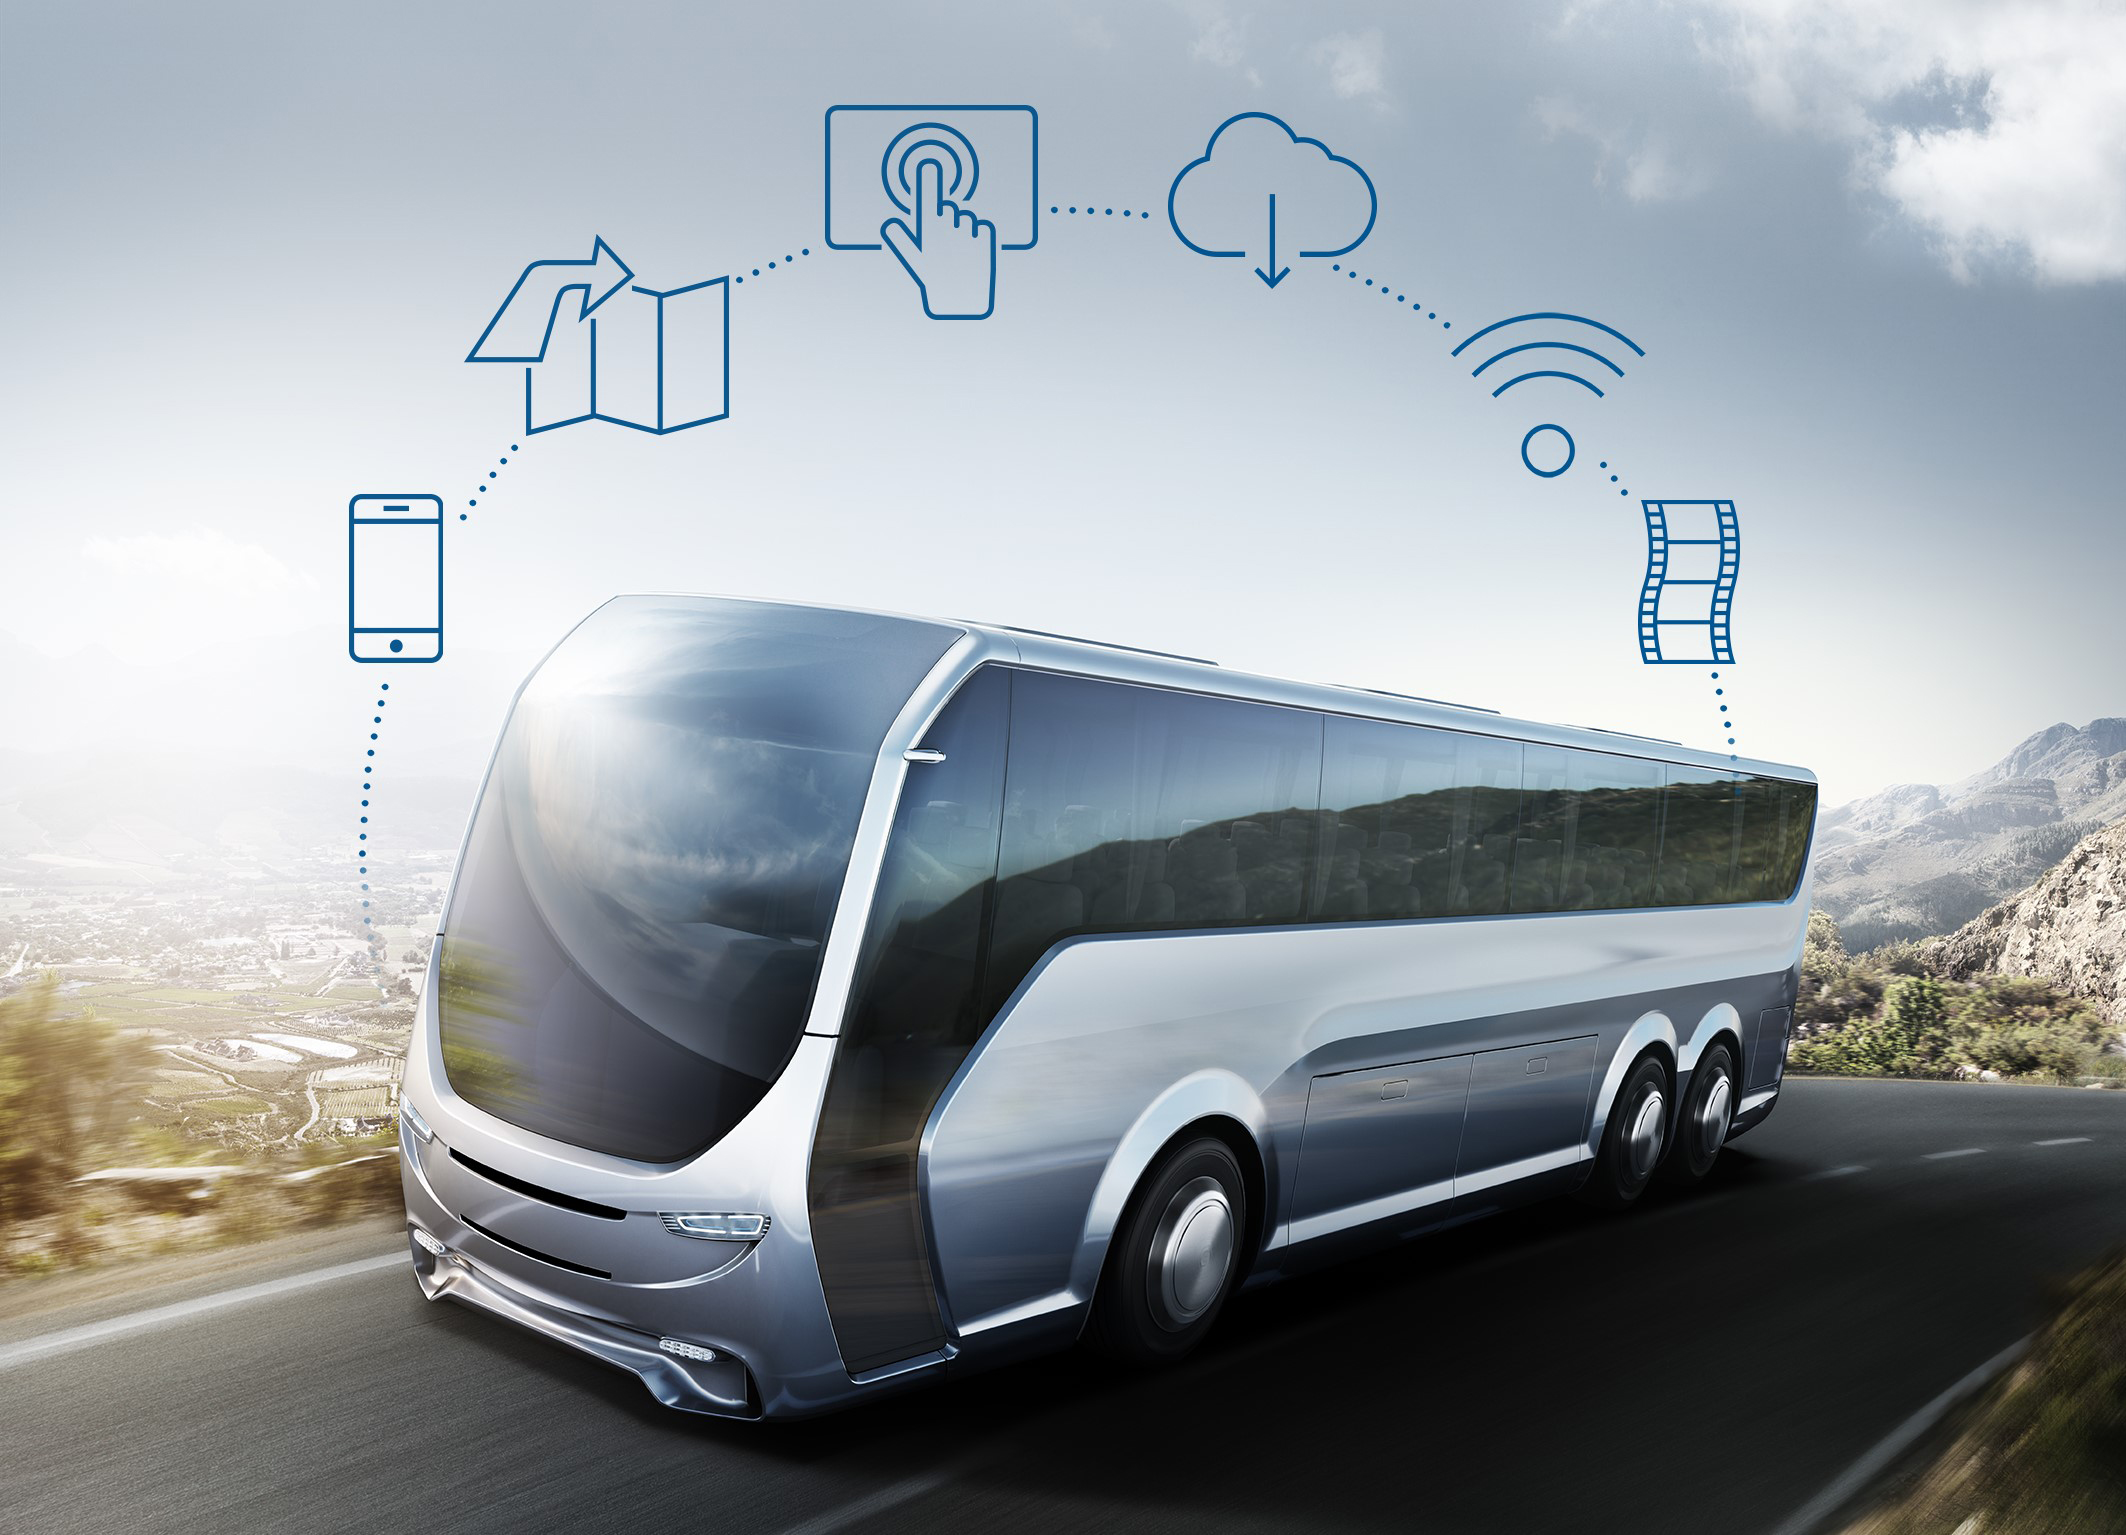 Bosch premieňa oddiely pre cestujúcich v autobusoch na centrá zábavy